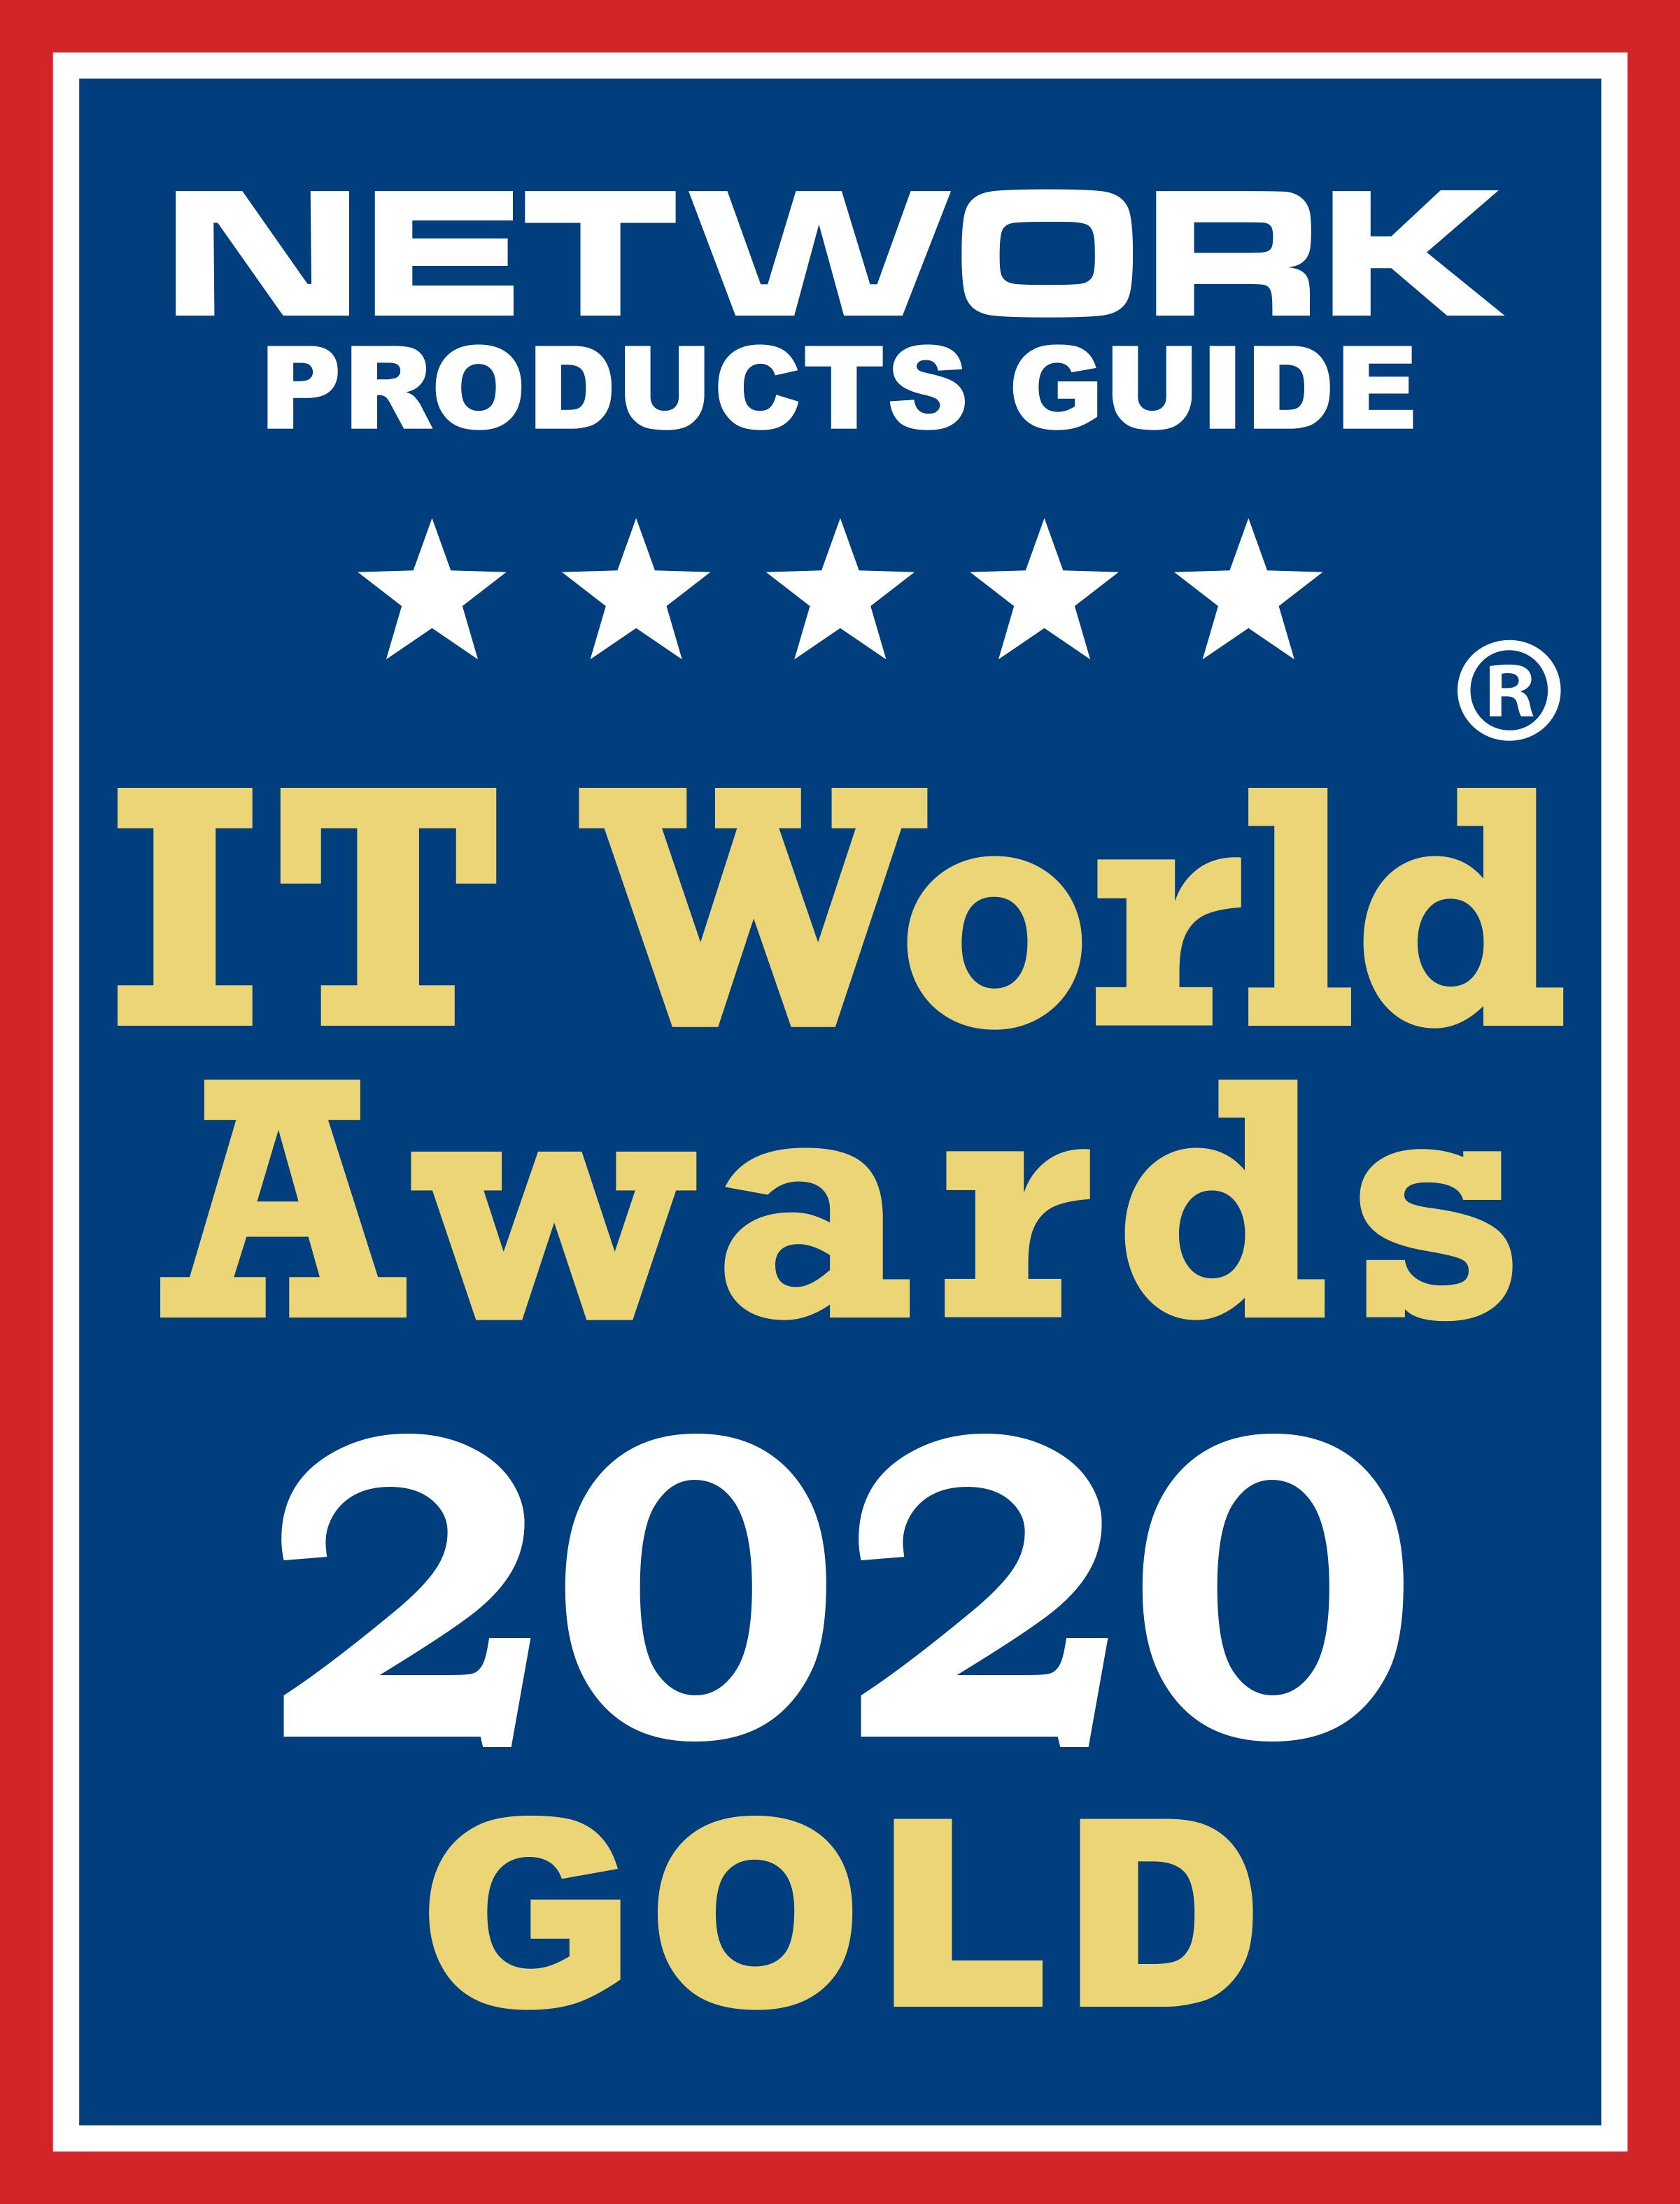 2020-NPG-ITW-Gold-1